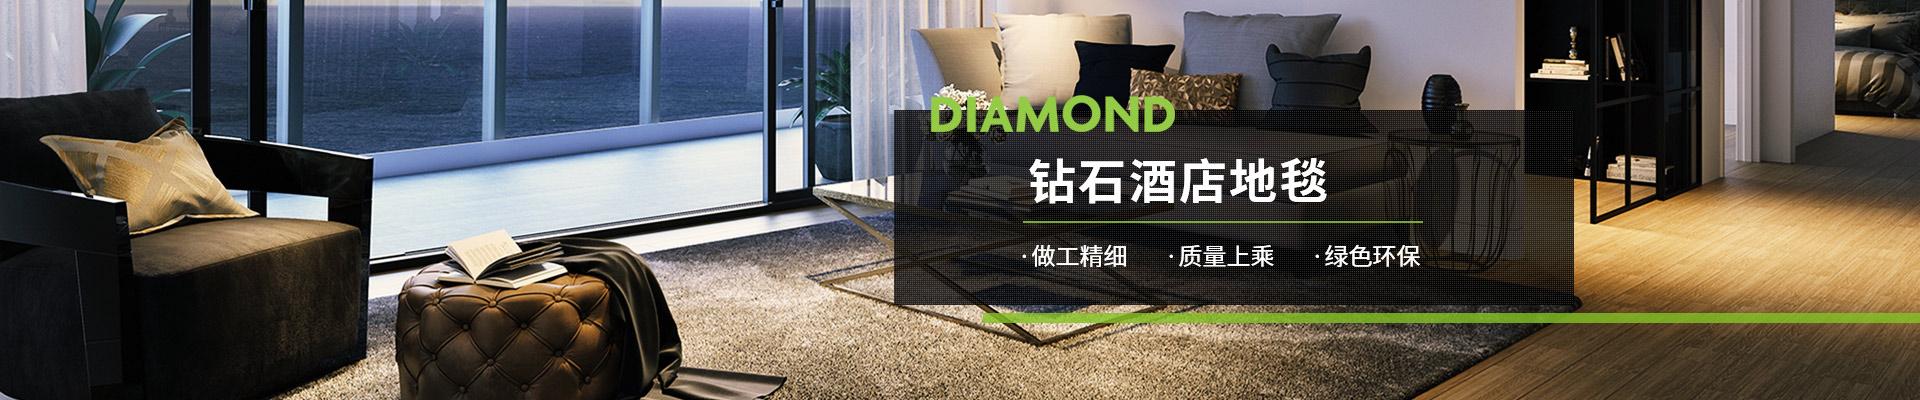 钻石家装地毯:为您家装添一份温馨